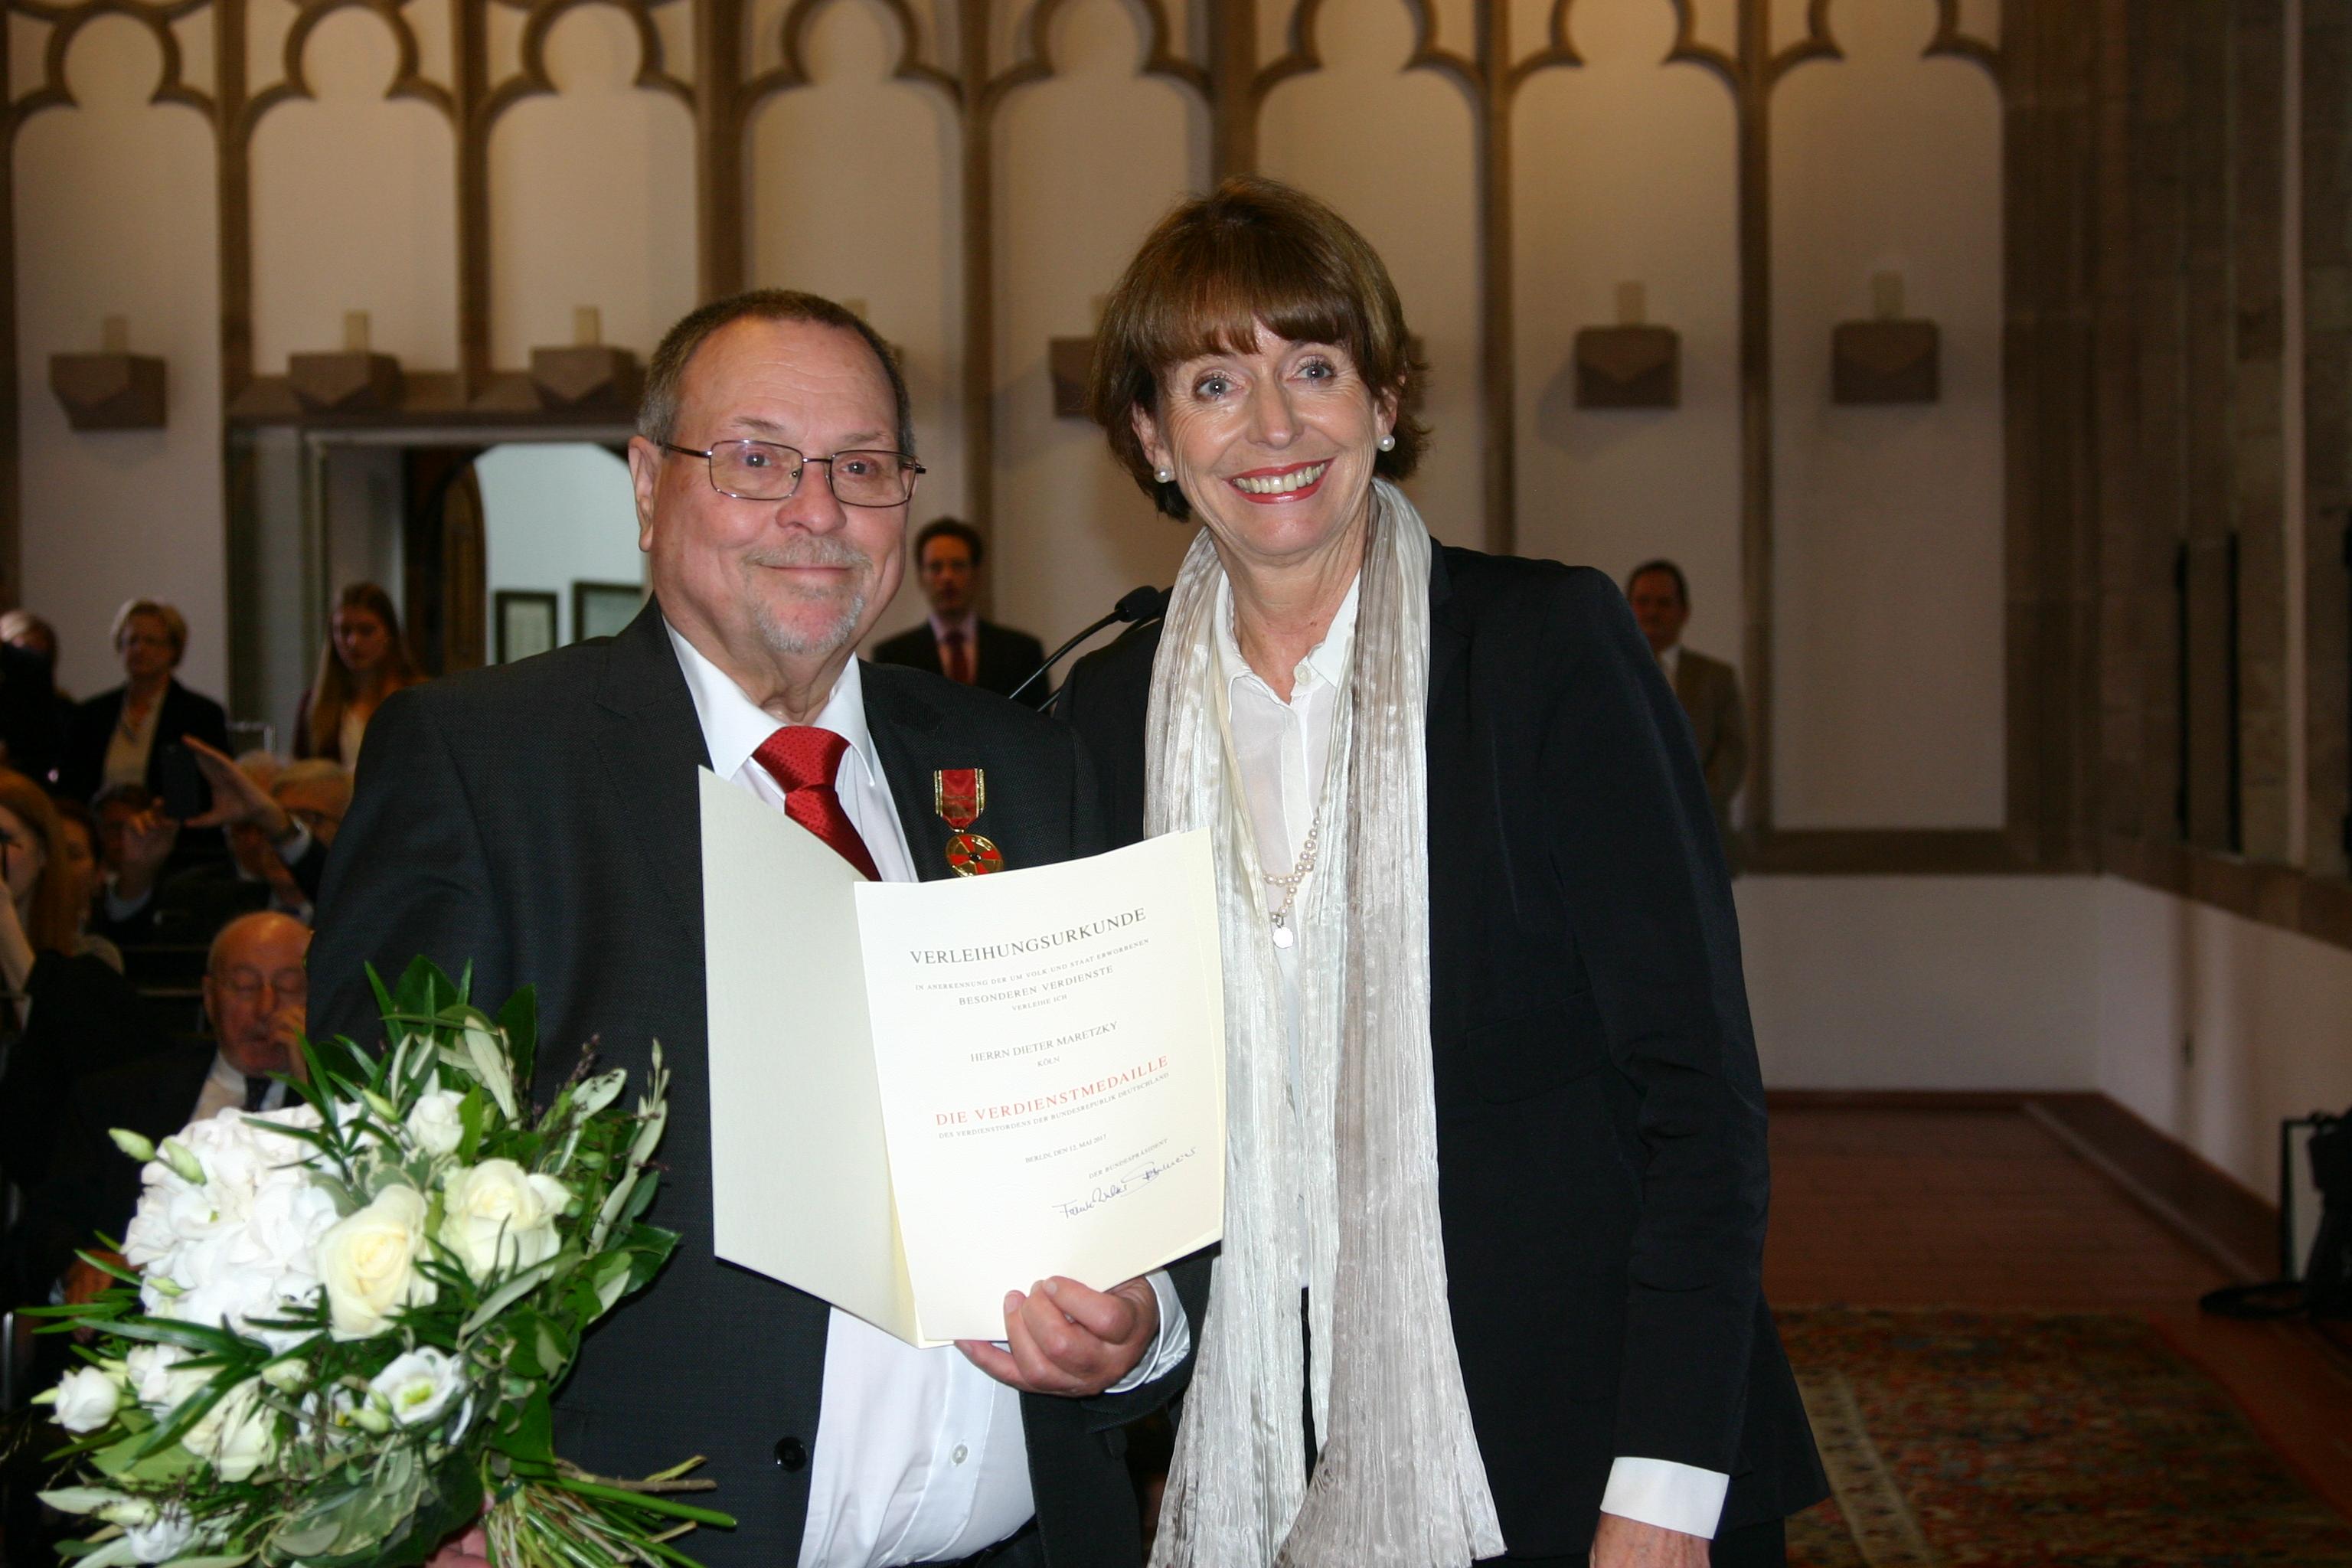 Dieter Maretzky mit dem Verdienstorden der Bundesrepublik ausgezeichnet